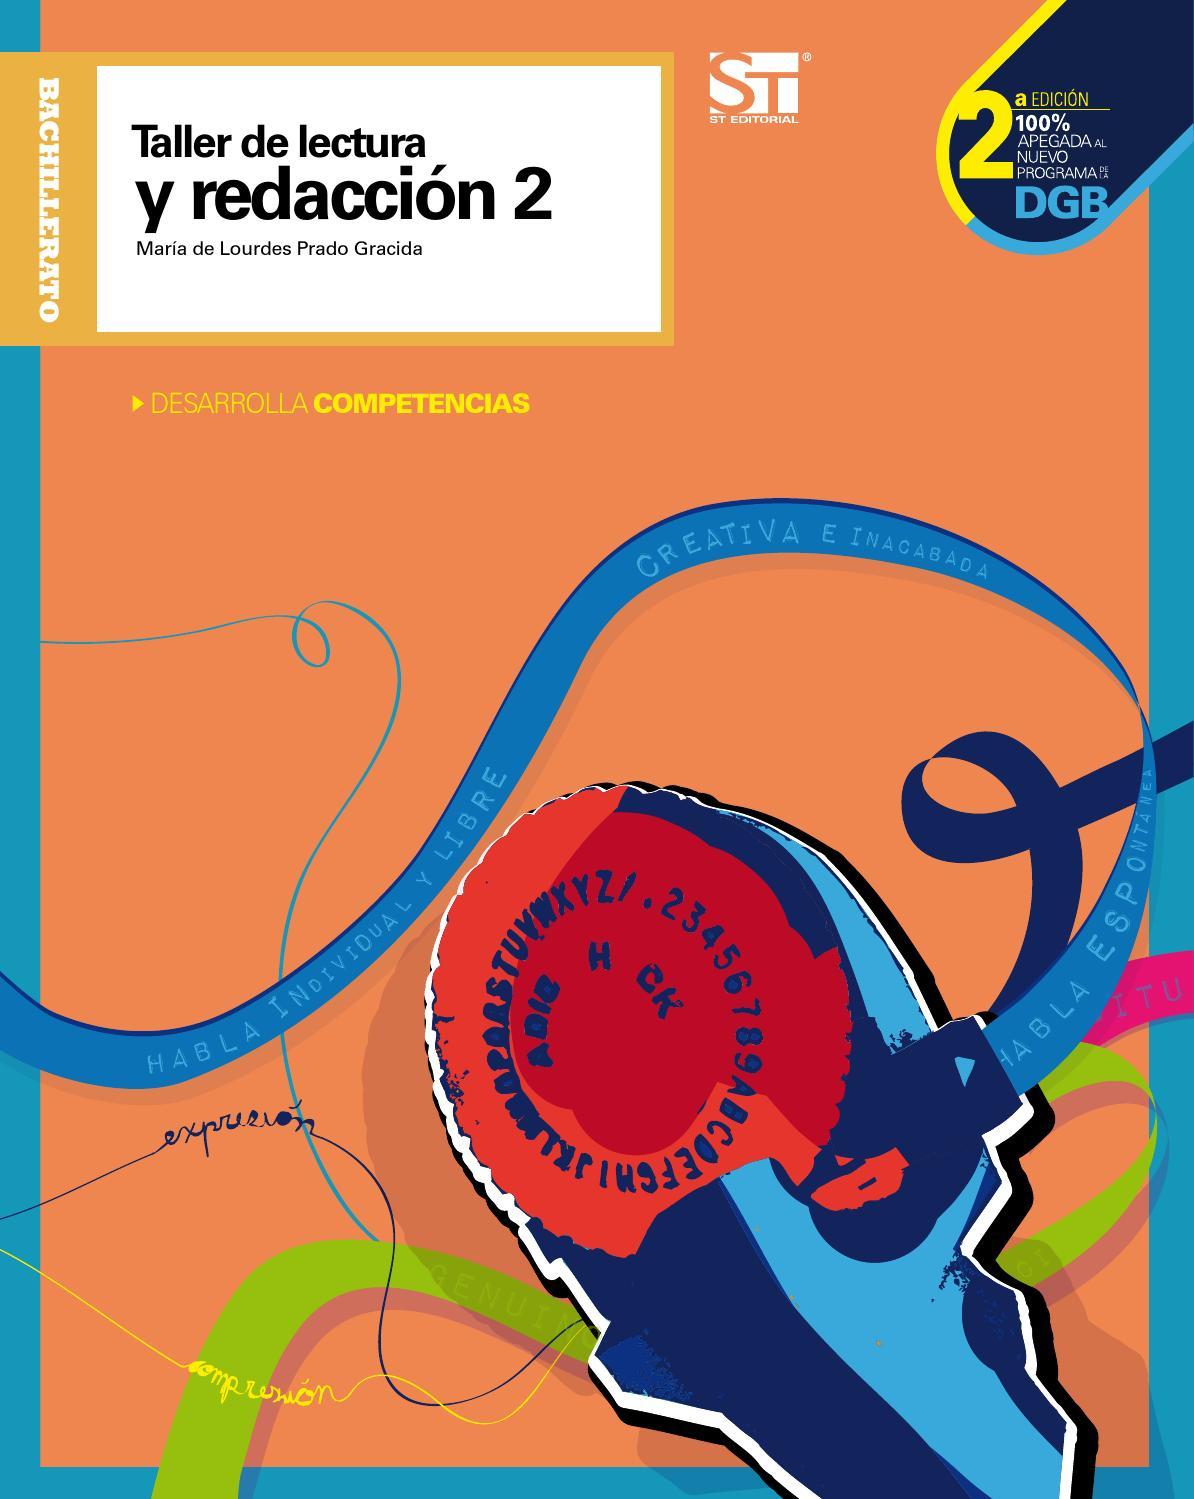 Taller de lectura y redacción 2 by eseté editorial - issuu